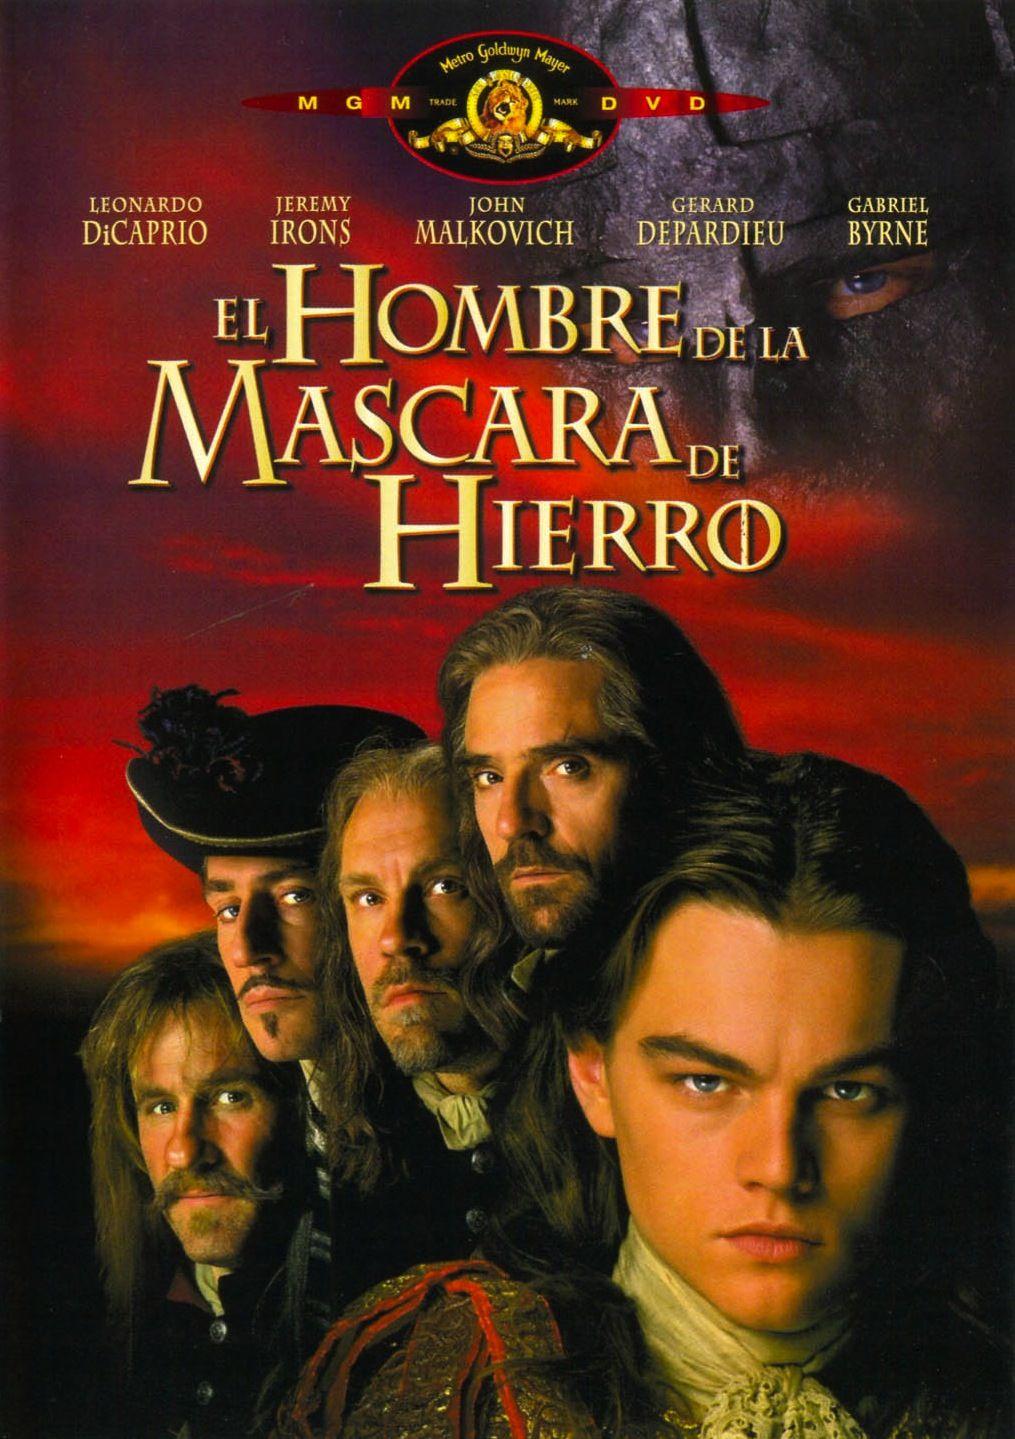 El Hombre De La Mascara De Hierro Peliculas Cine Peliculas